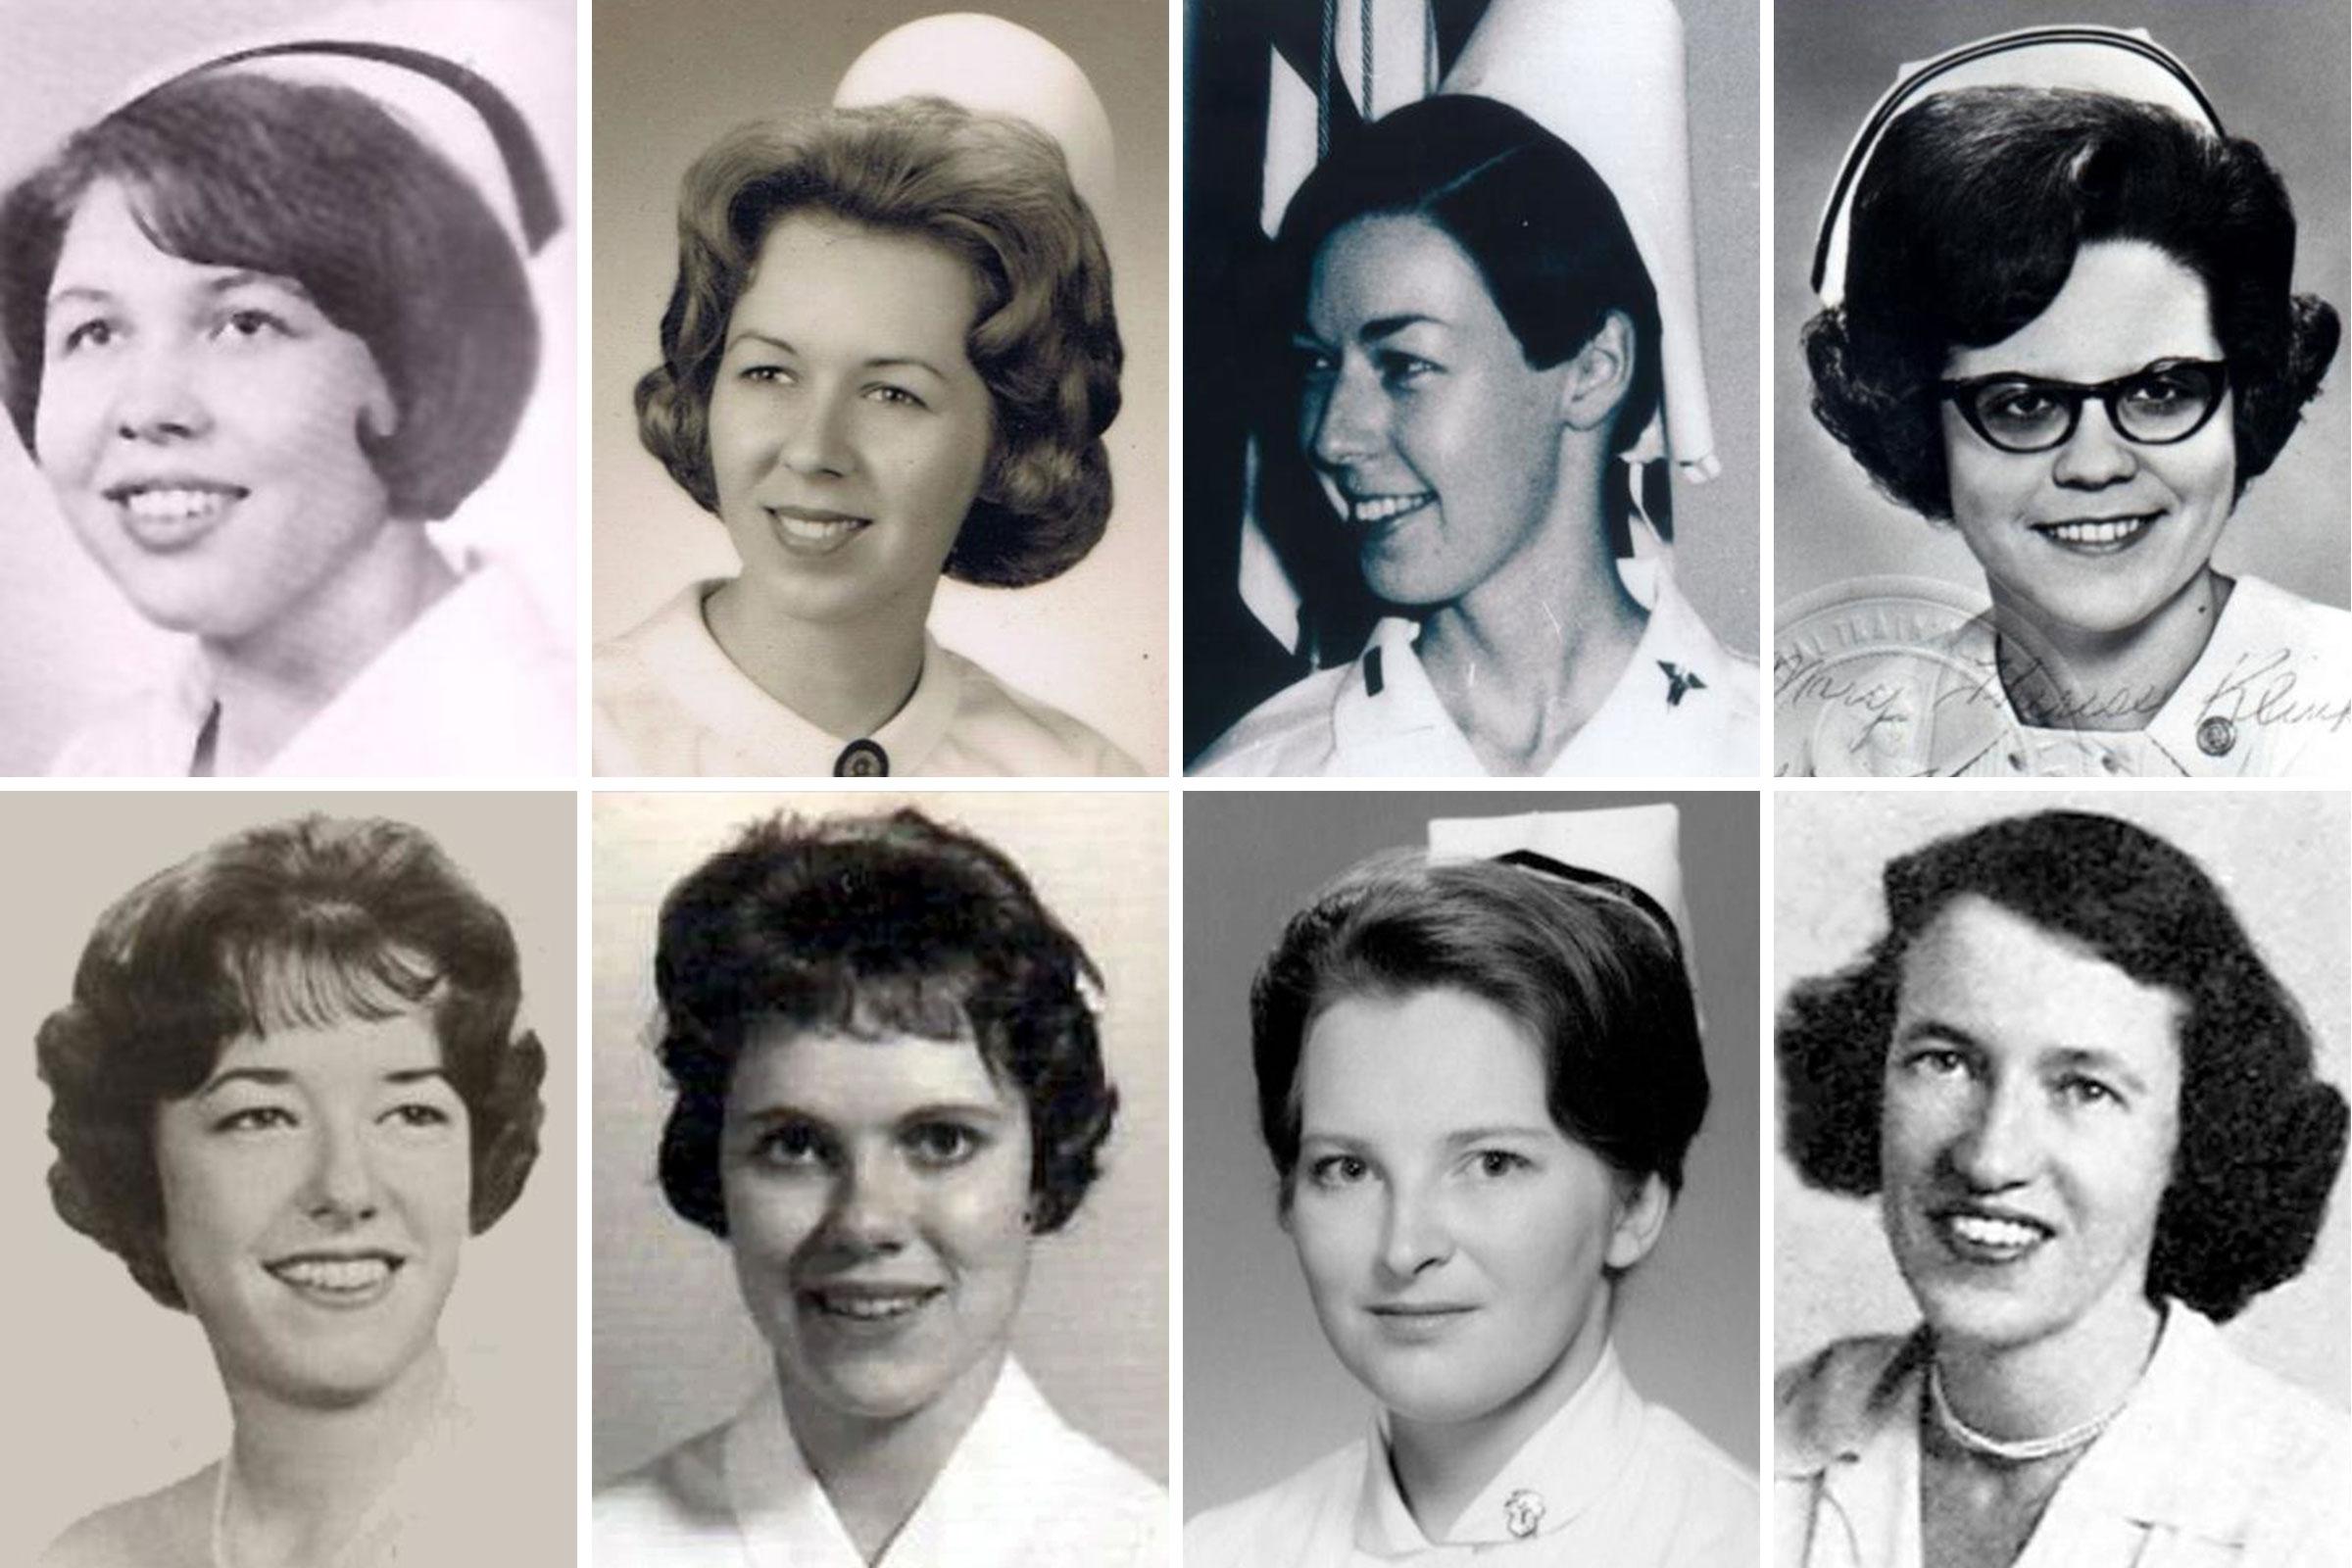 1st. Lt. Hedwig Orlowski, 2nd Lt. Carol Drazba, 1st. Lt.Sharon Lane, Capt. Mary Klinker, Capt. Eleanor Alexander, 2nd Lt. Elizabeth Jones, 2nd Lt. Pamela Donovan, LTC Annie Graham